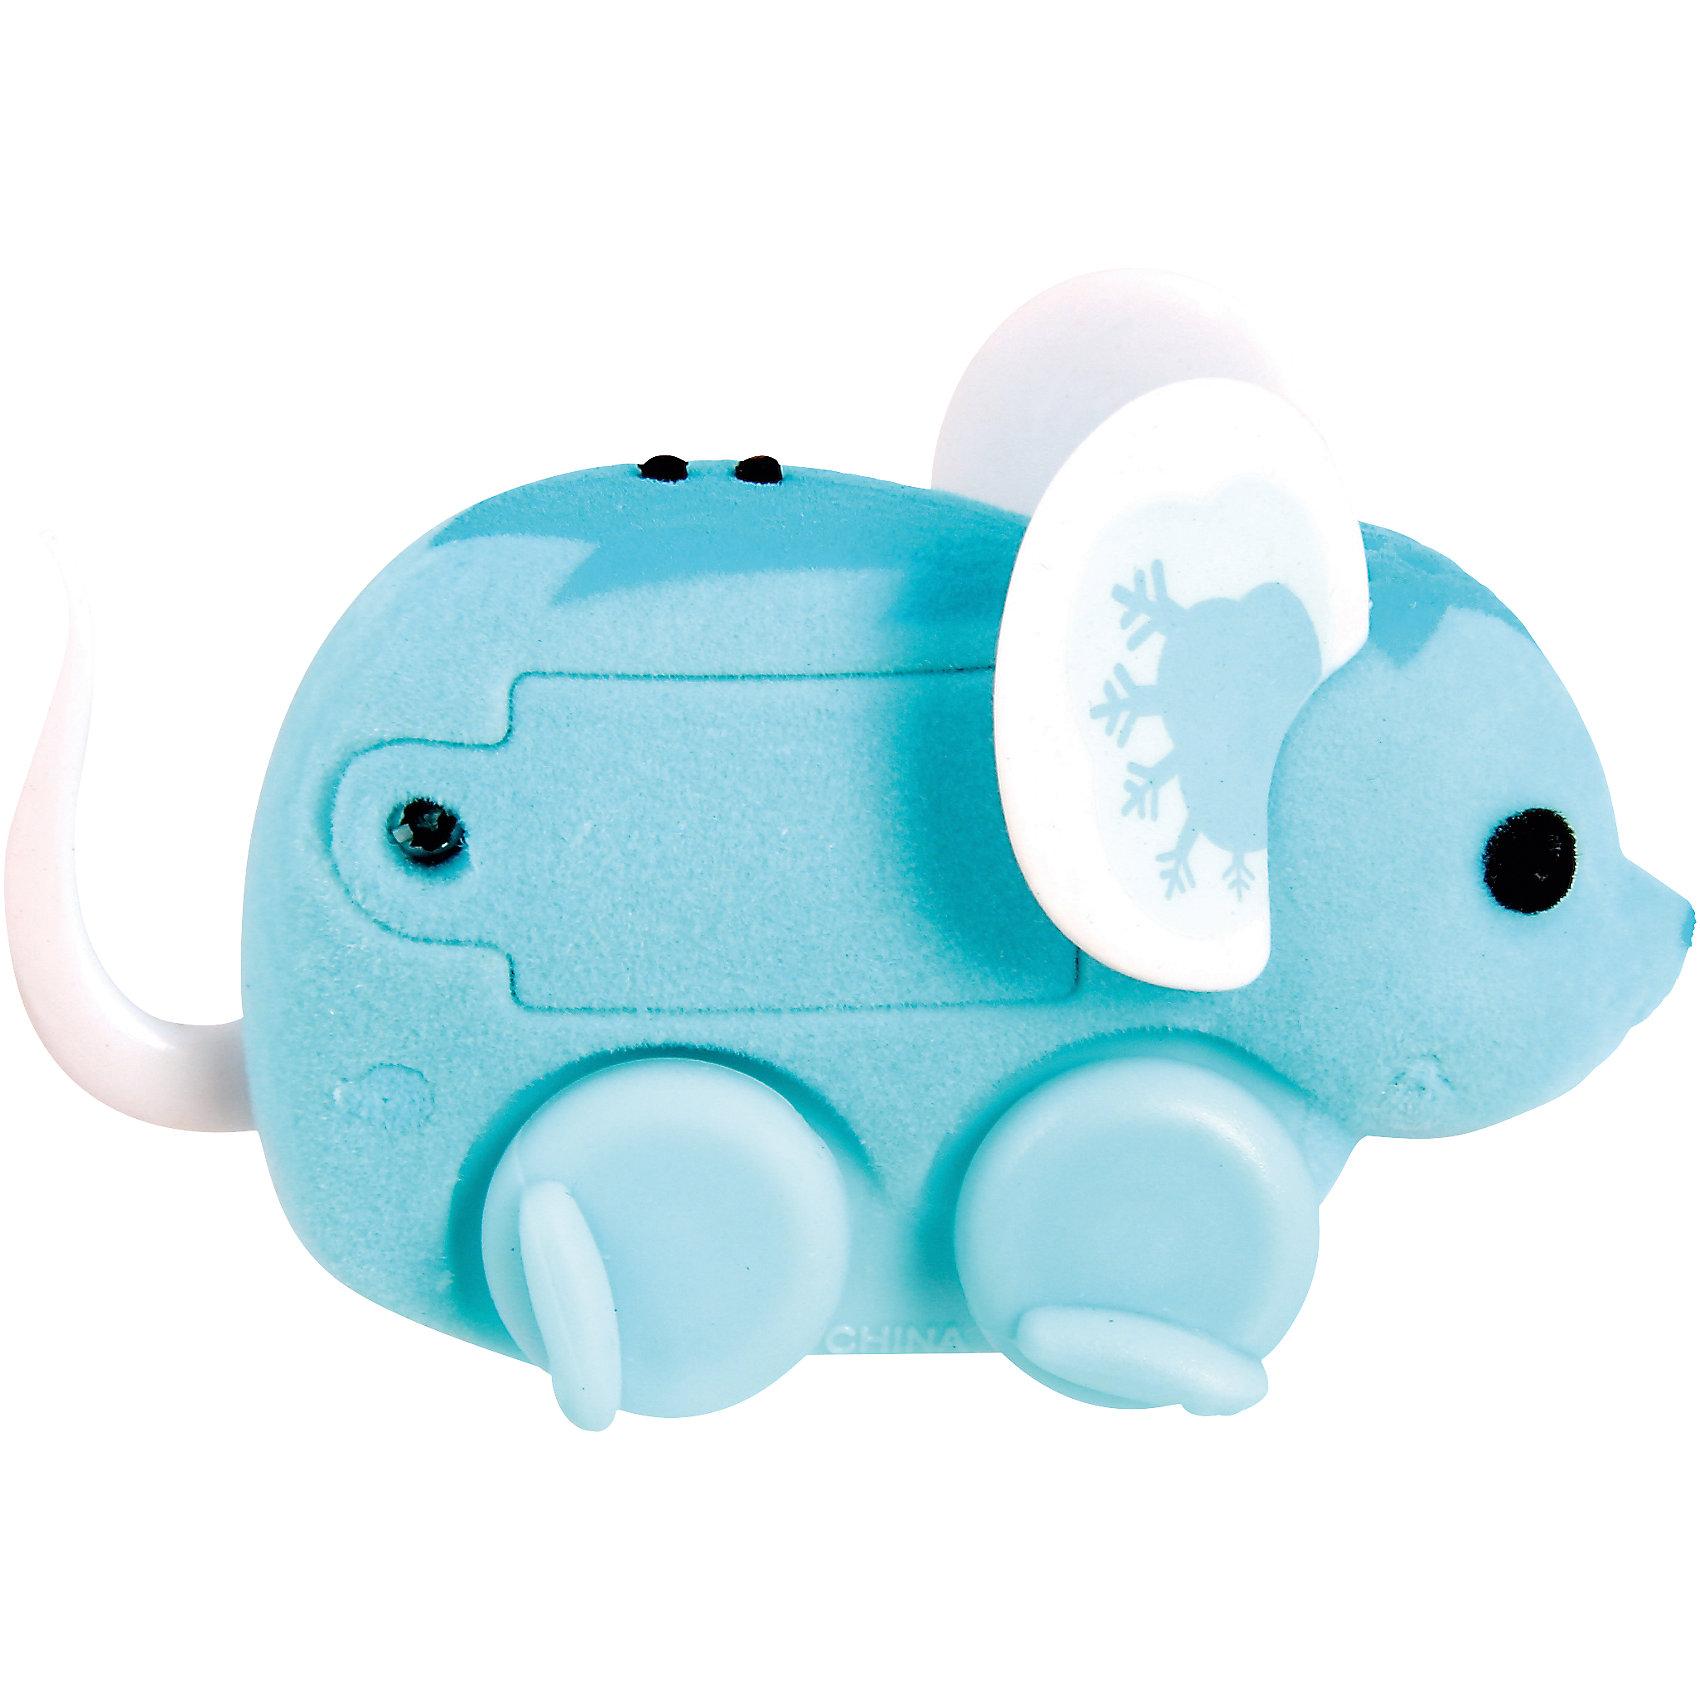 Интерактивная мышка Little Live Pets, голубая, MooseИнтерактивная мышка Little Live Pets, Moose мягкая, как настоящая мышка. Она умеет быстро двигаться и крутиться. Сенсор на спине позволяет включить игрушку с помощью поглаживания, если мышка заснула. Кнопка включения расположена в области ротика. Такая замечательная мышка обязательно вызовет интерес у малыша!<br><br>Дополнительная информация:<br>Материал: пластик, флок<br>Цвет: голубой<br>Батарейки: AG13 (LR44) (входят в комплект)<br><br>Интерактивную мышку Little Live Pets, Moose вы можете приобрести в нашем интернет-магазине.<br><br>Ширина мм: 225<br>Глубина мм: 159<br>Высота мм: 50<br>Вес г: 77<br>Возраст от месяцев: 60<br>Возраст до месяцев: 108<br>Пол: Женский<br>Возраст: Детский<br>SKU: 4898557